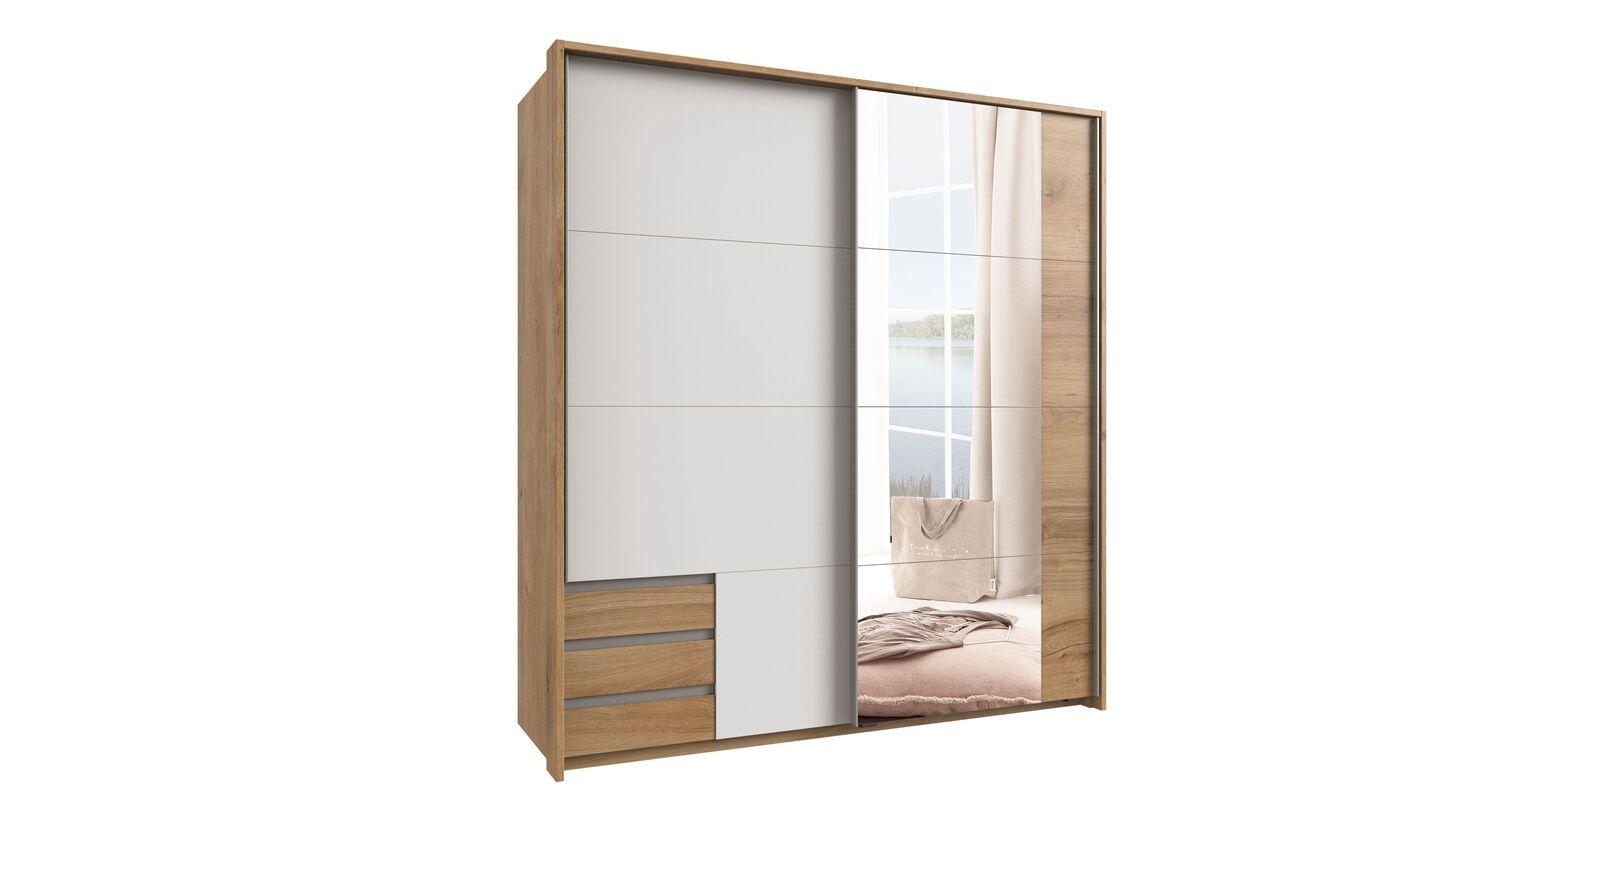 Schwebetüren-Kleiderschrank Vanita optional mit Spiegel und Rahmen